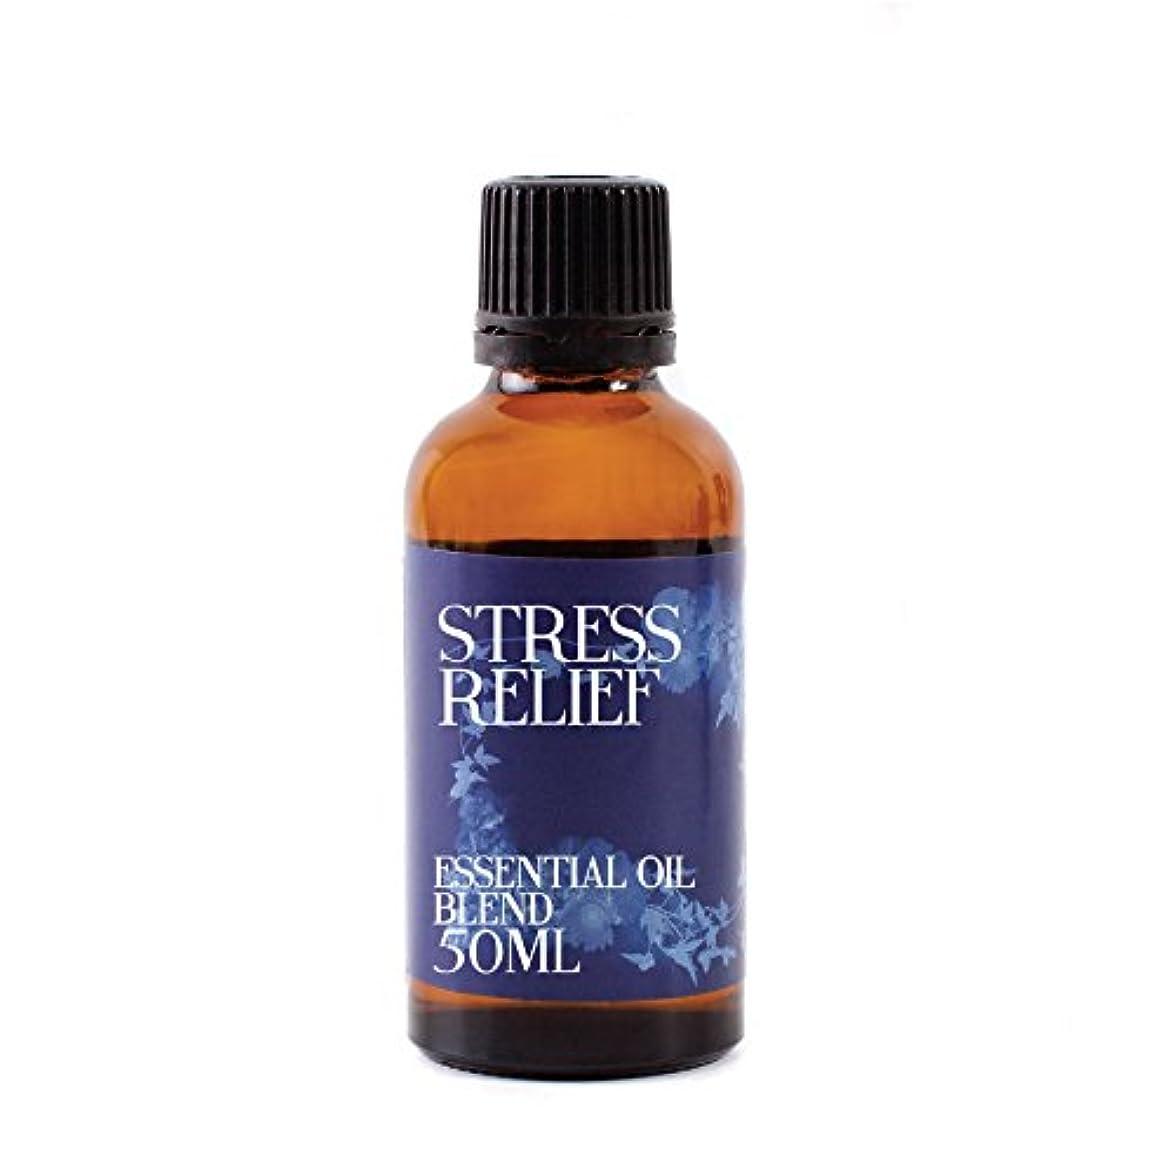 合成ダルセット任意Mystix London | Stress Relief Essential Oil Blend - 50ml - 100% Pure